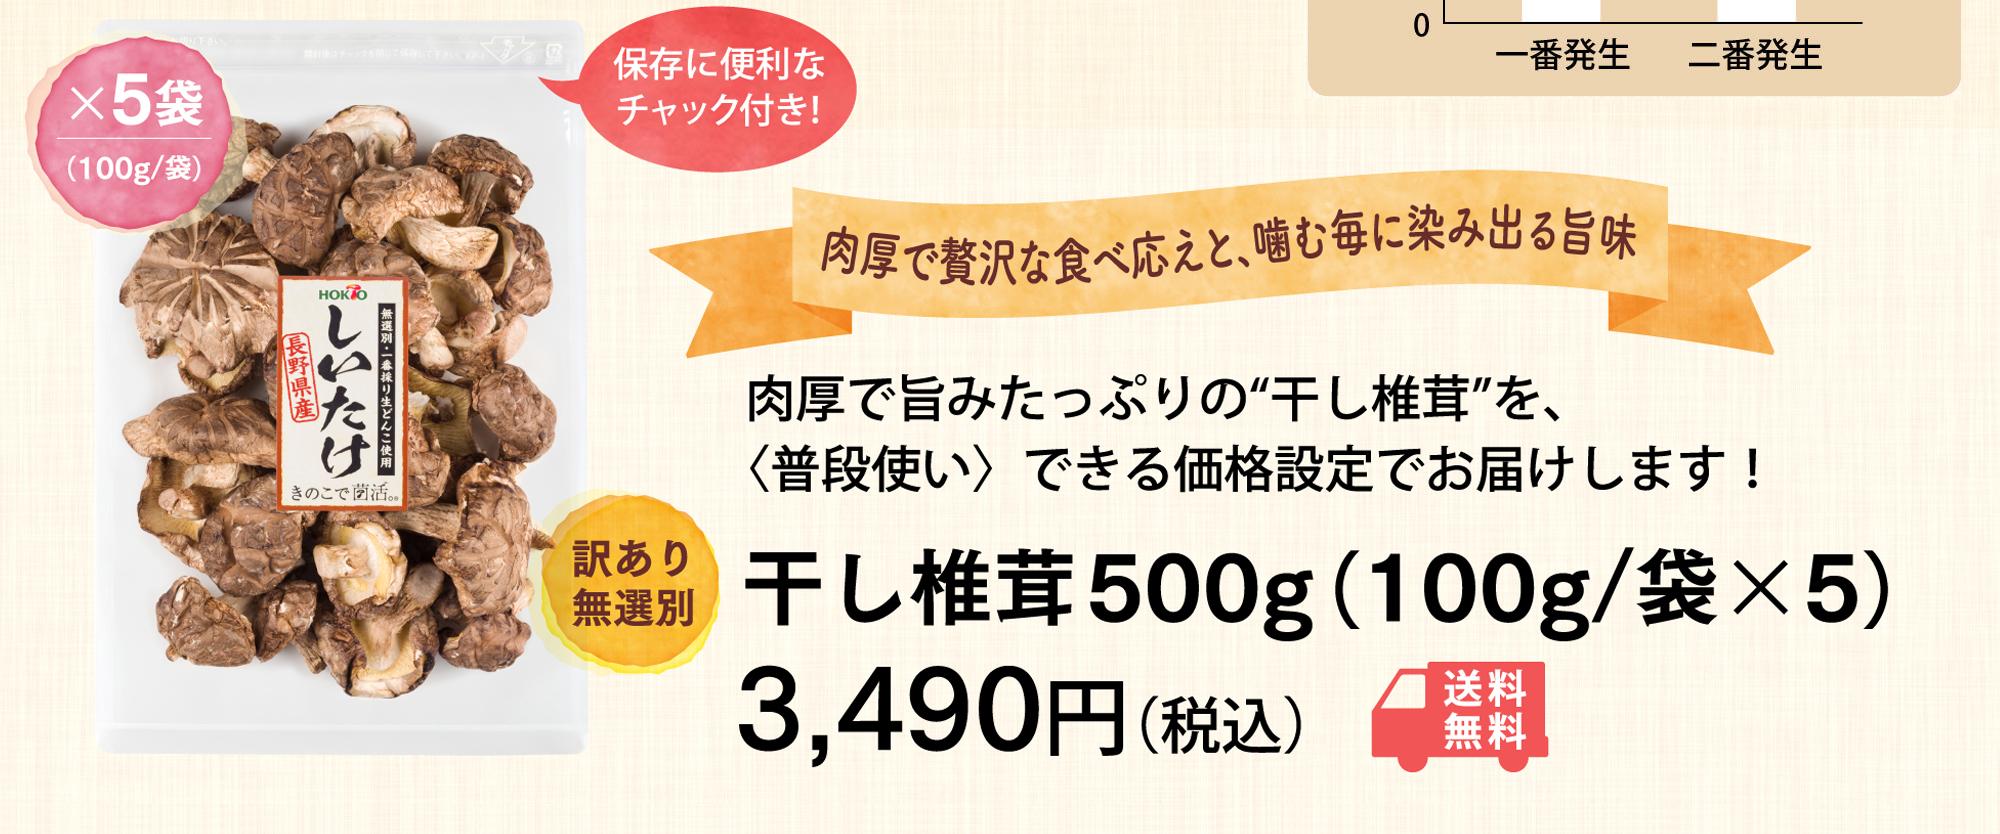 """肉厚で旨みたっぷりの""""干し椎茸""""を、〈普段使い〉できる価格設定でお届けします!500g(100g/袋x5)4,240円(税込)"""